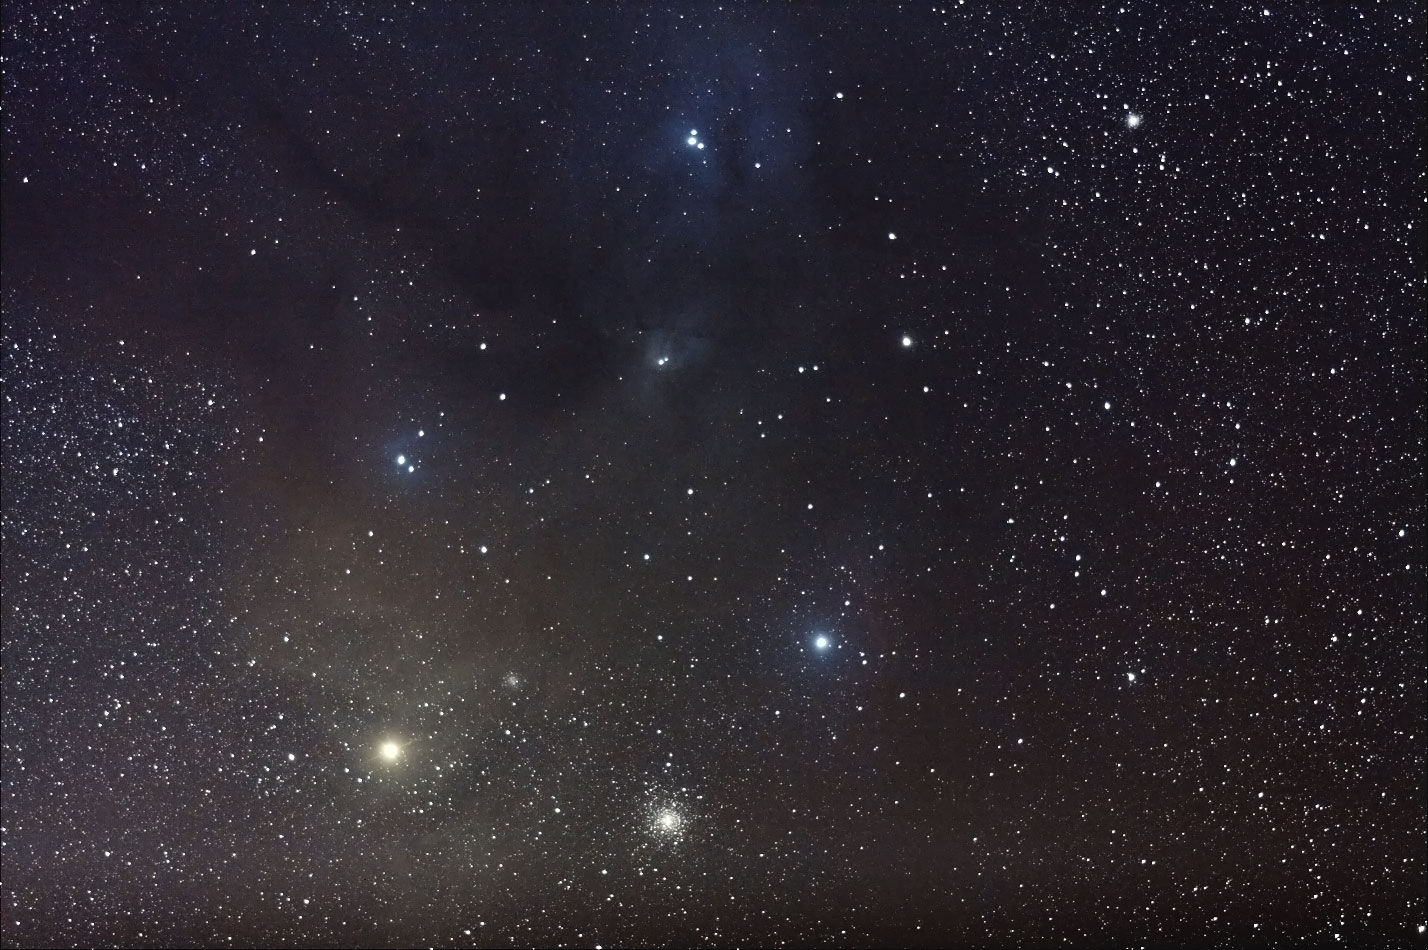 さそり座のアンタレスと球状星団M4